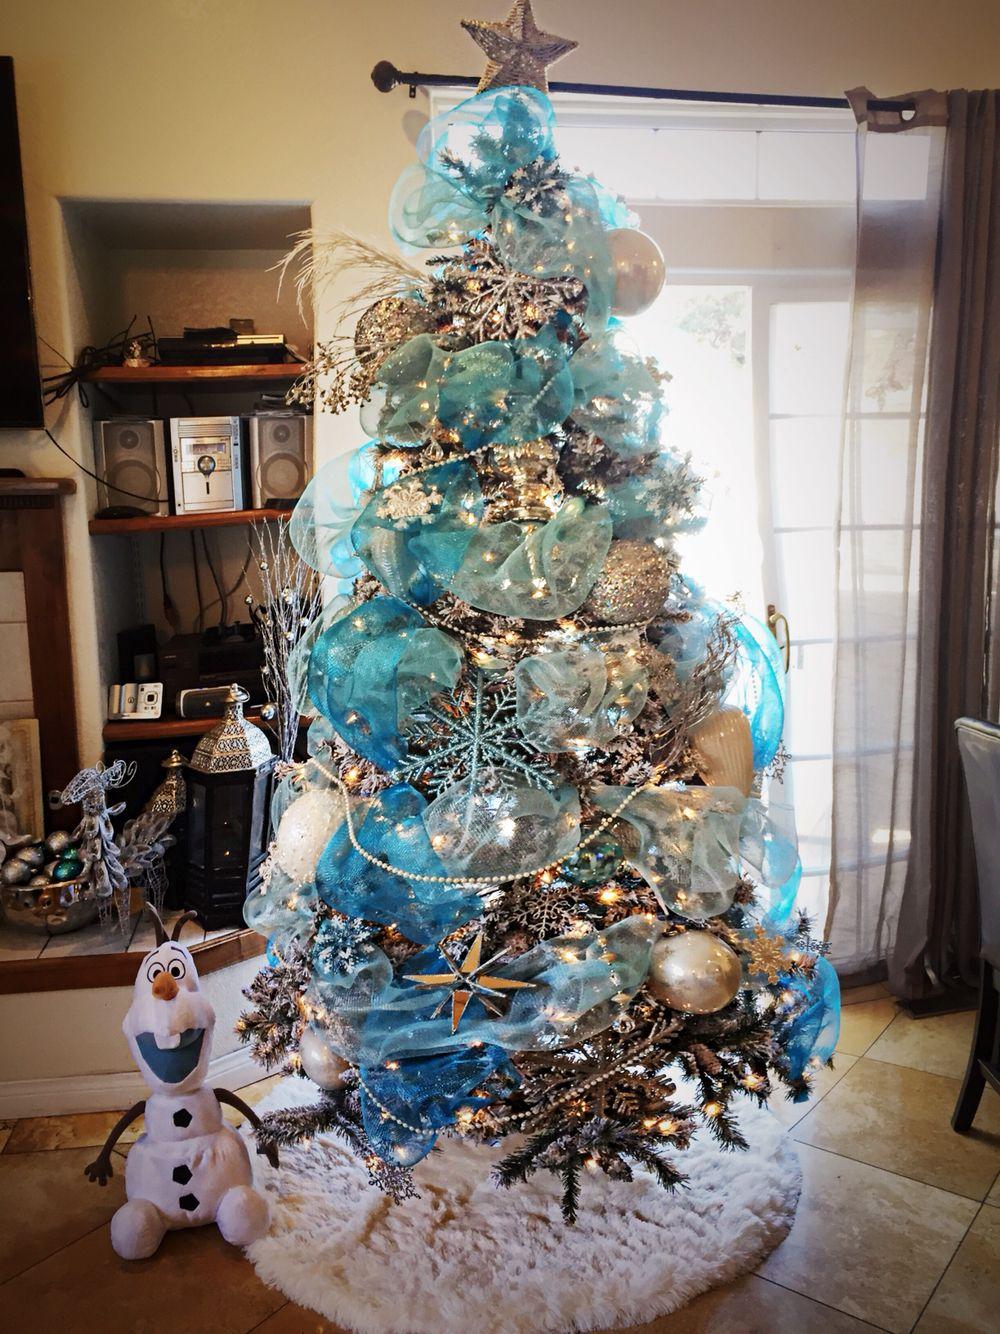 Frozen Themed Christmas tree I created :) | Shanny's pins ...